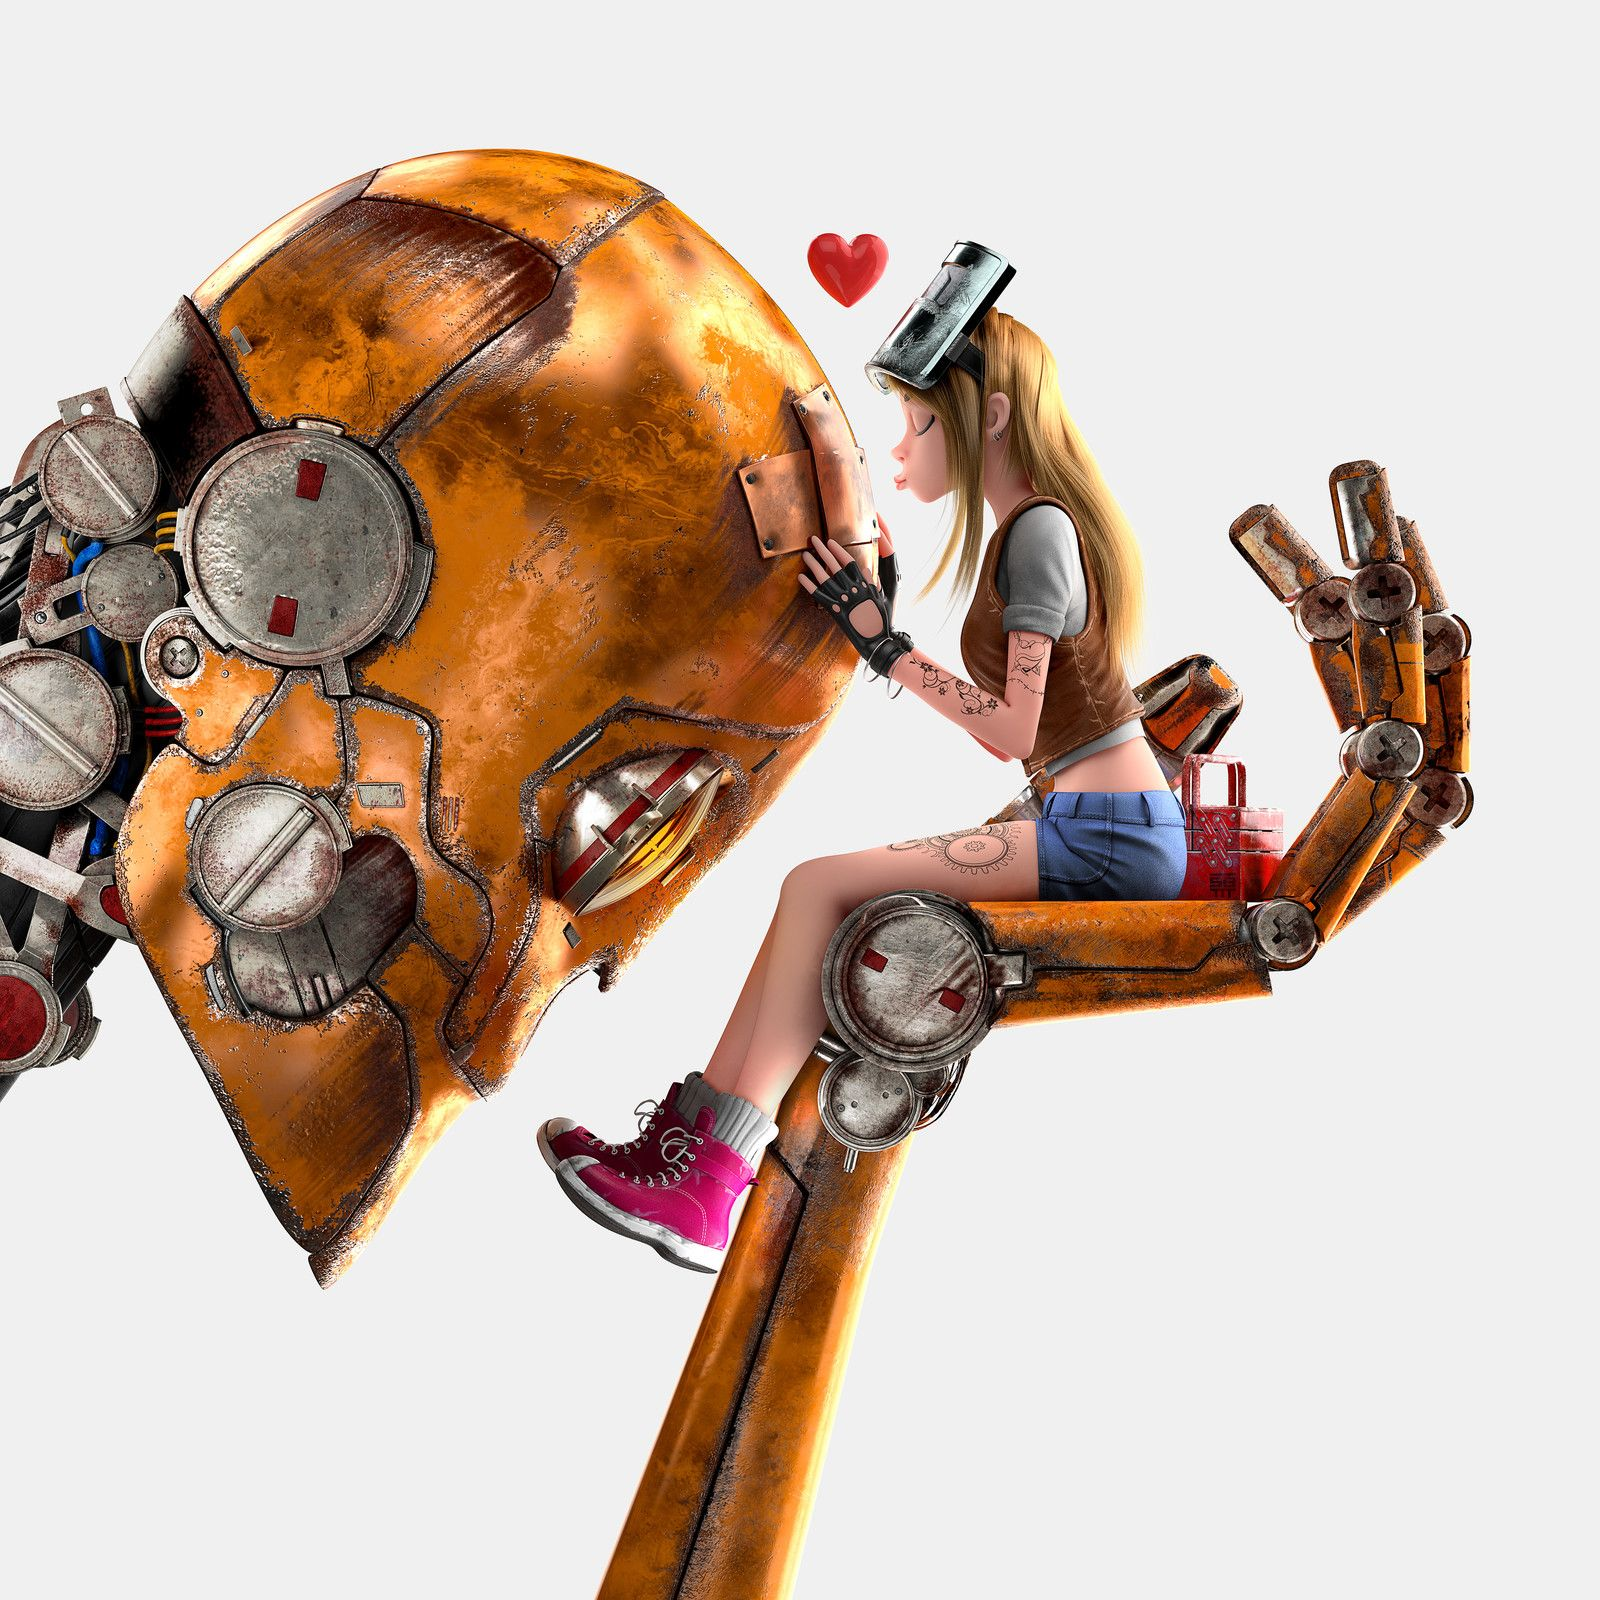 Girl and Robot, Michael Santin on ArtStation at https://www.artstation.com/artwork/o1Bvq